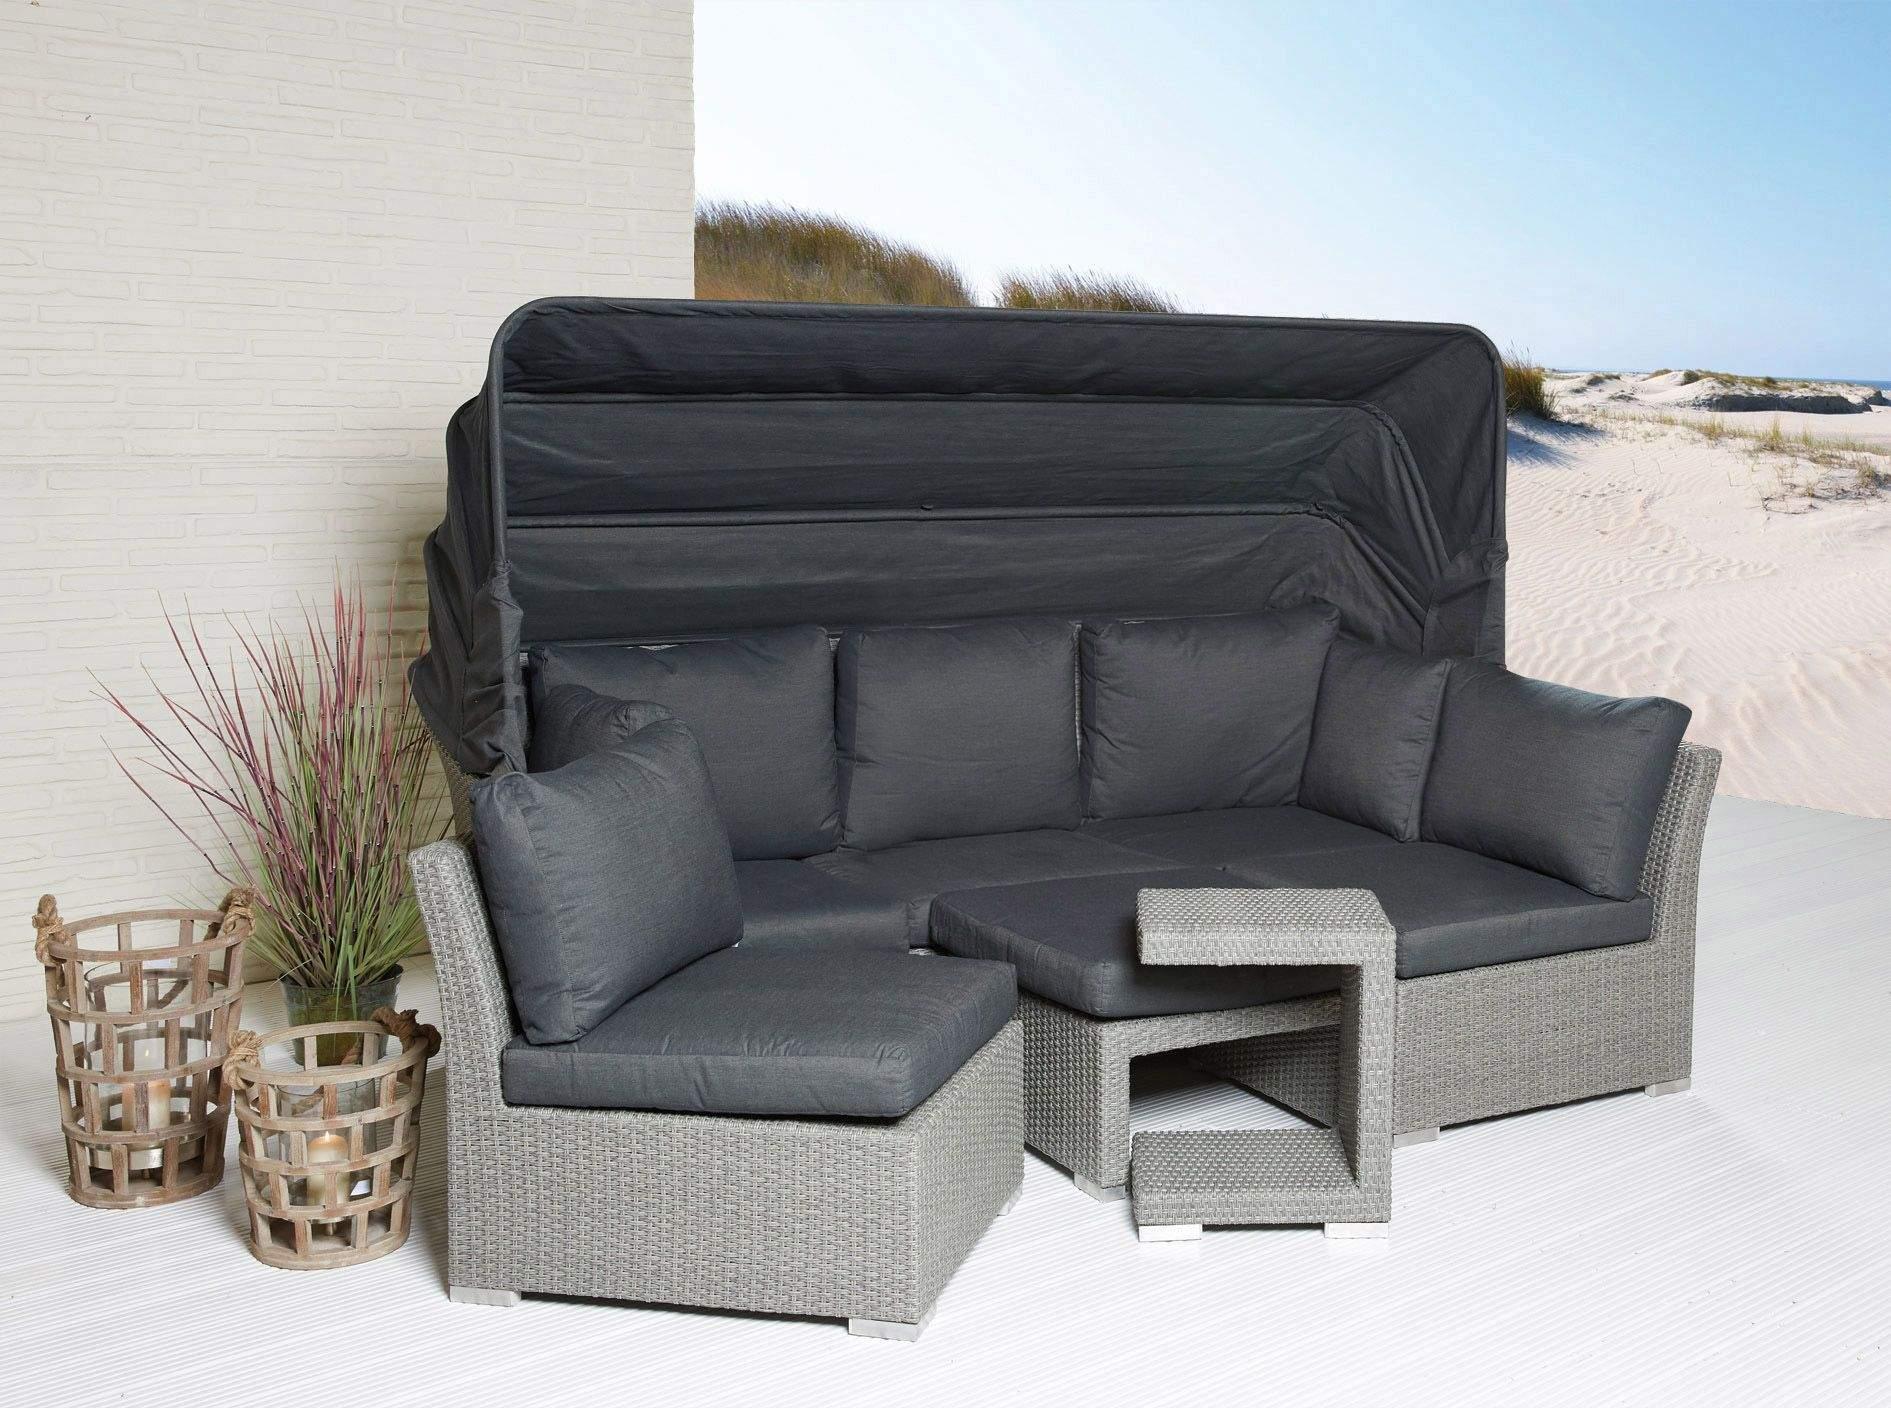 Garten Lounge Set Rattan Schön sonneninsel Set 5 Teilig Modesto sonneninsel Strandkorb